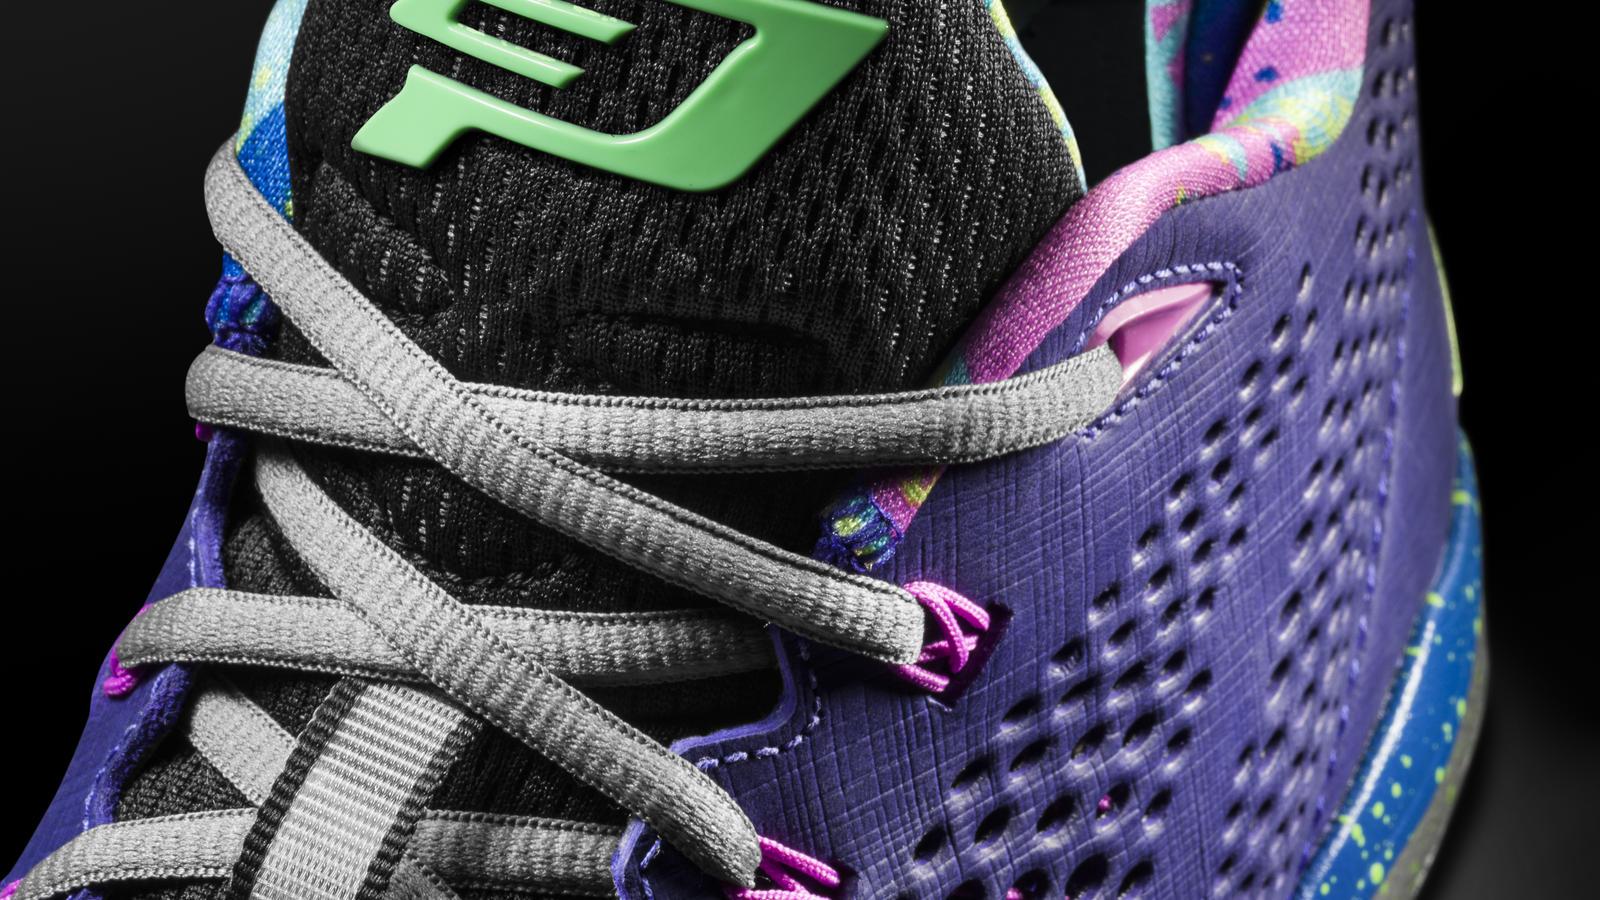 Jordan CP3.VII Court Purple - Laces View